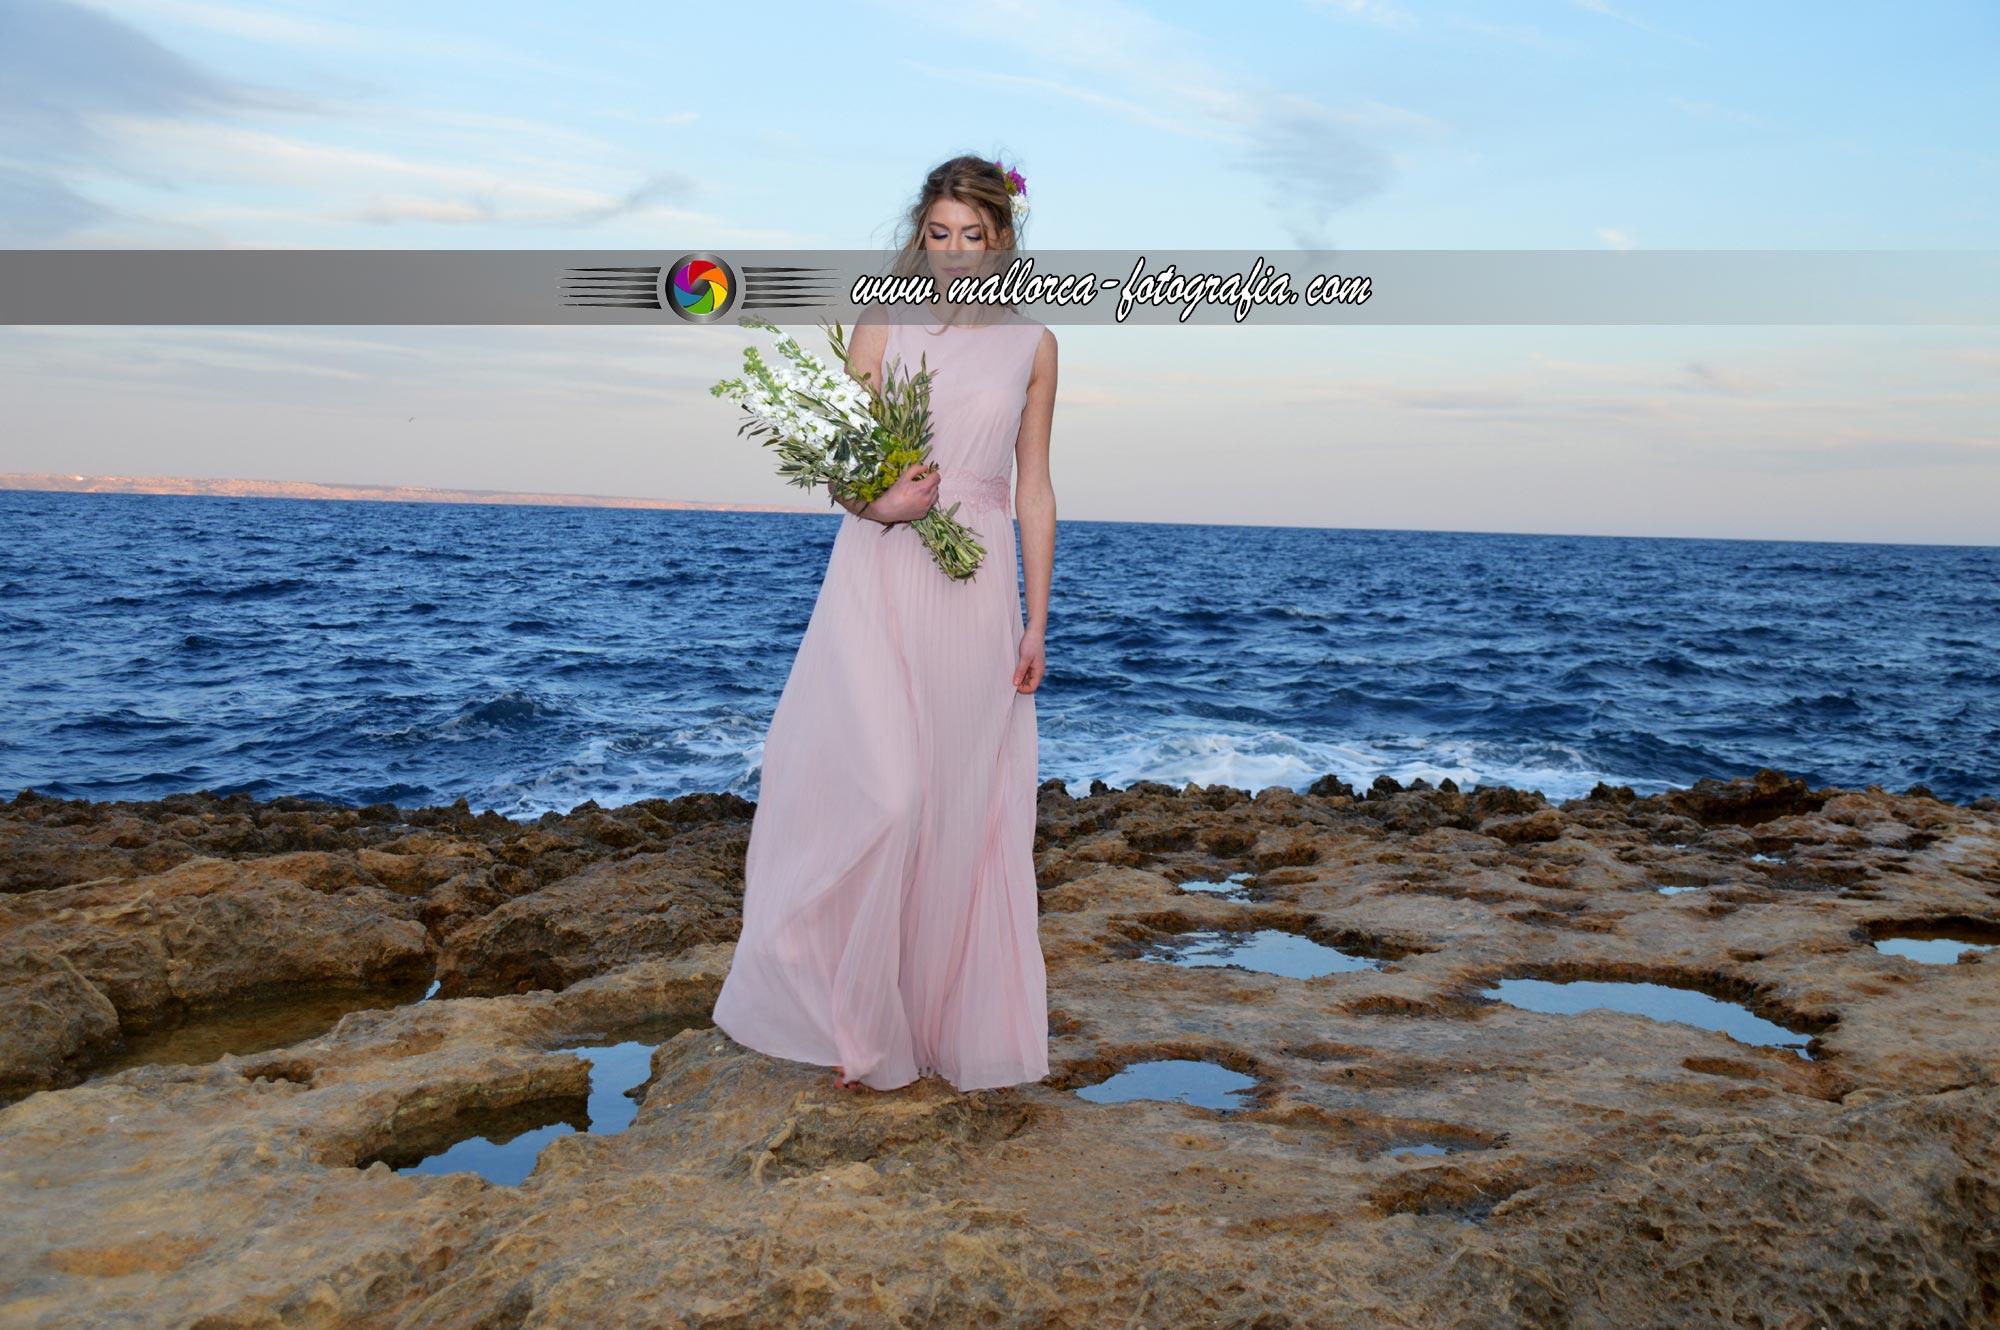 Mallorca Fotografia Com # Muebles Nar Merida